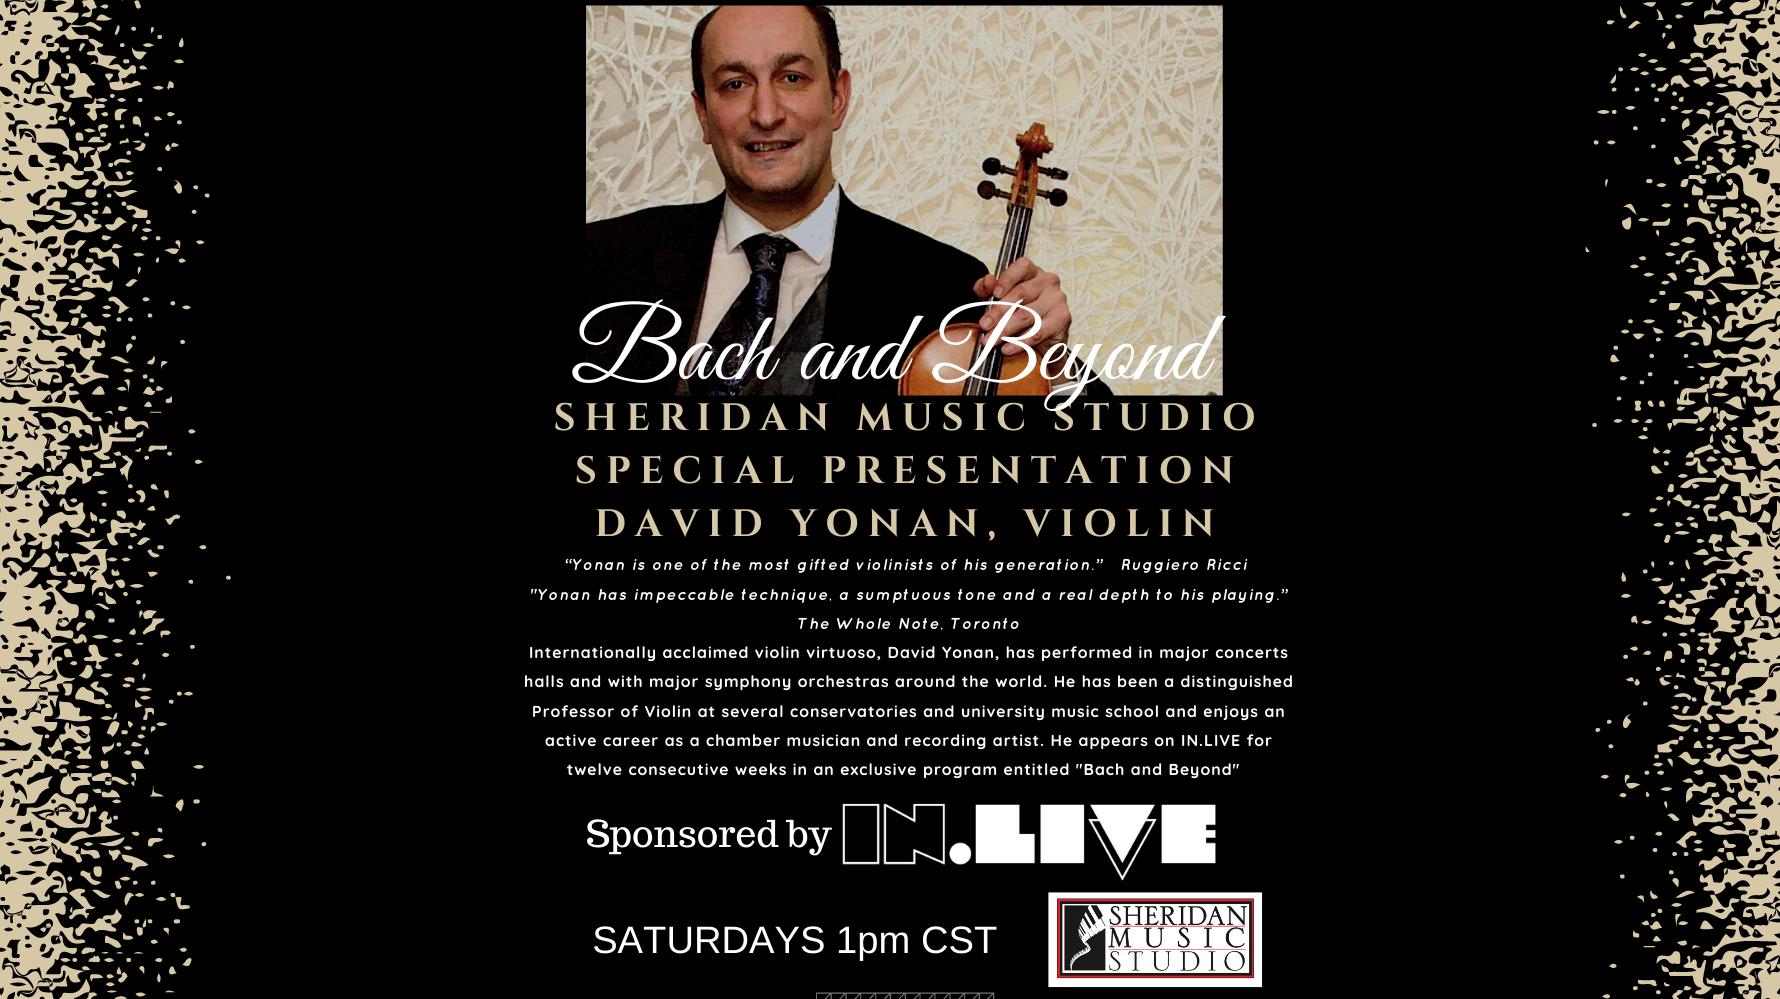 David Yonan: Bach and Beyond Week 7 - Online